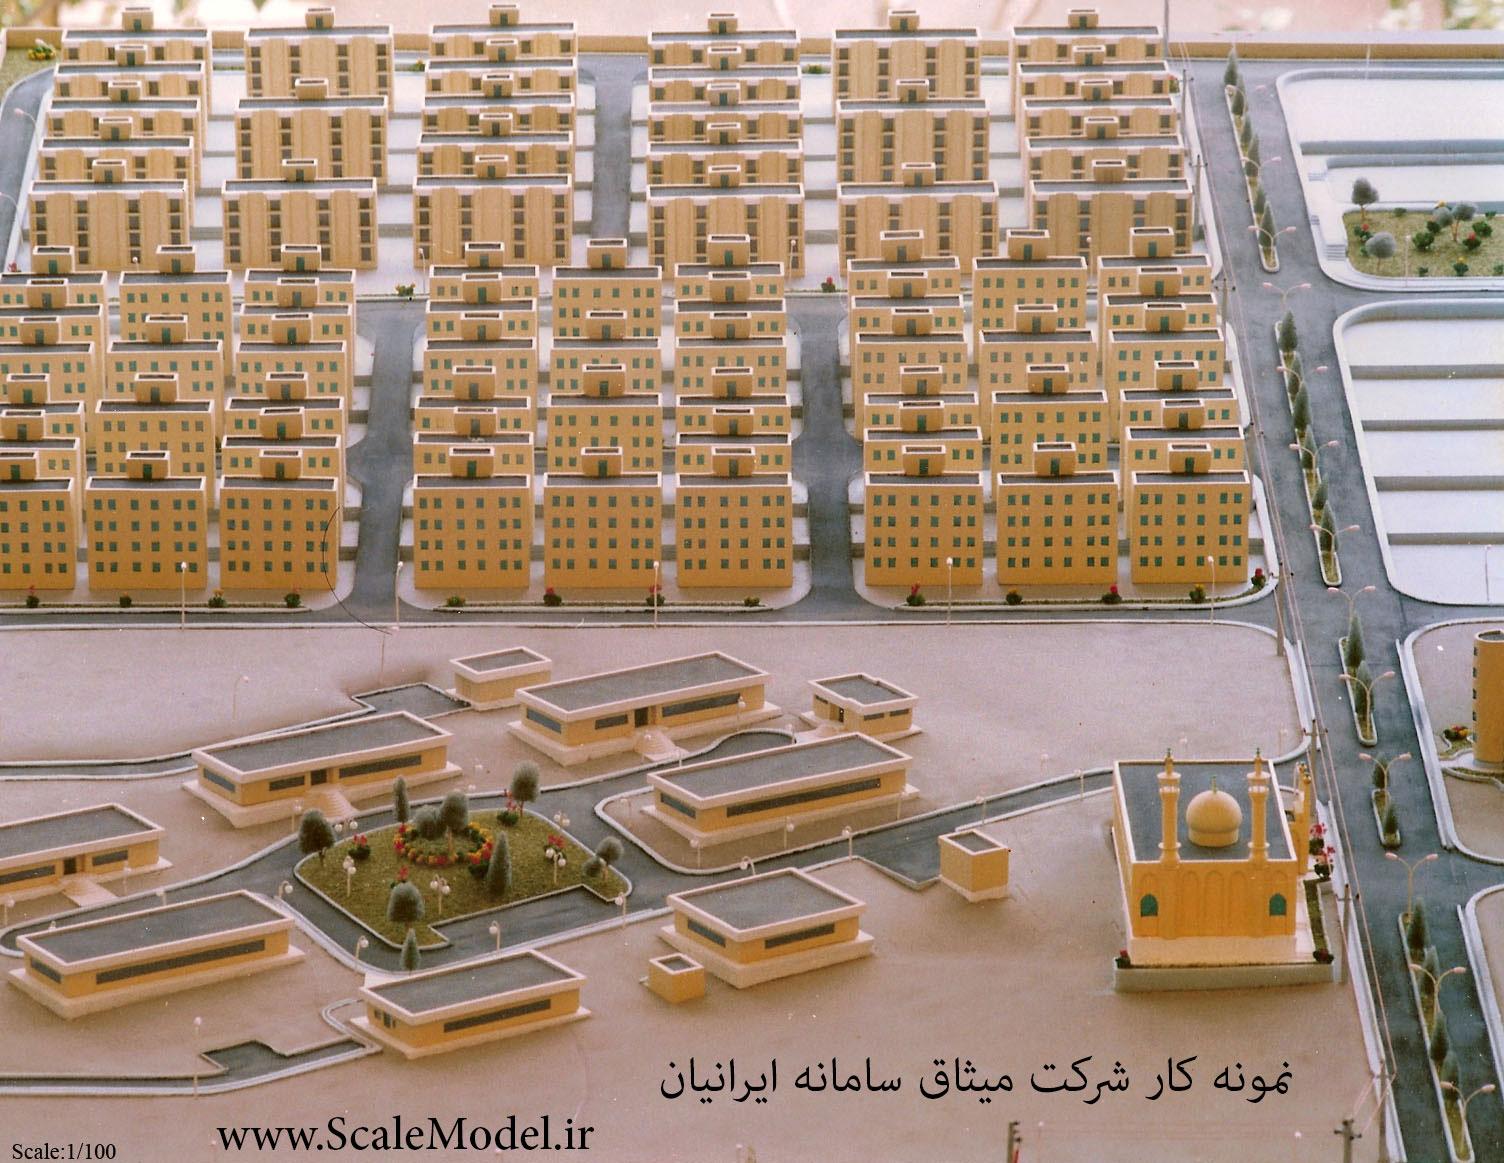 ماکت شهرک مسکونی پروژه ماکت ساختمان سازی ماکت شهرک مسکونی ماکت شهرک مسکونی پروژه ماکت ساختمان سازی                                    2